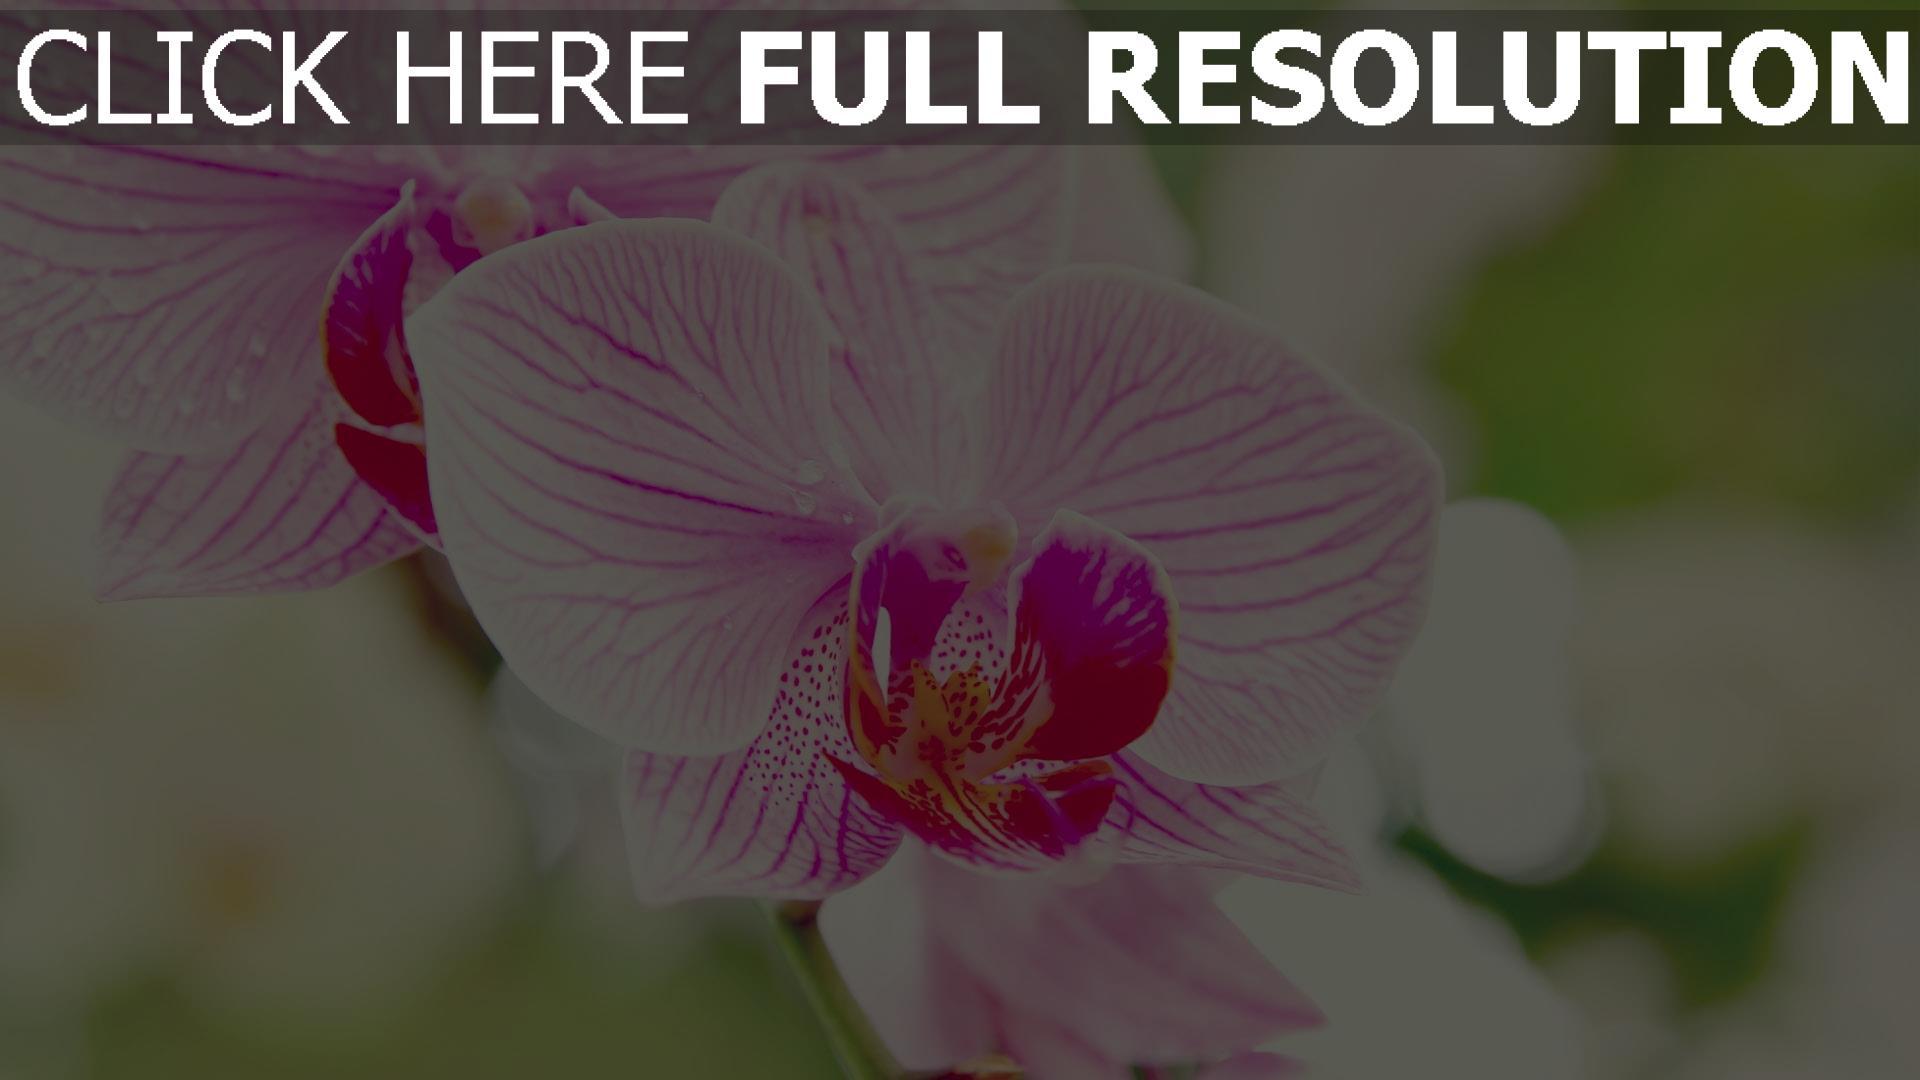 Wallpaper orchidee weiß  HD Hintergrundbilder orchidee blütenblätter gestreift verwischen ...